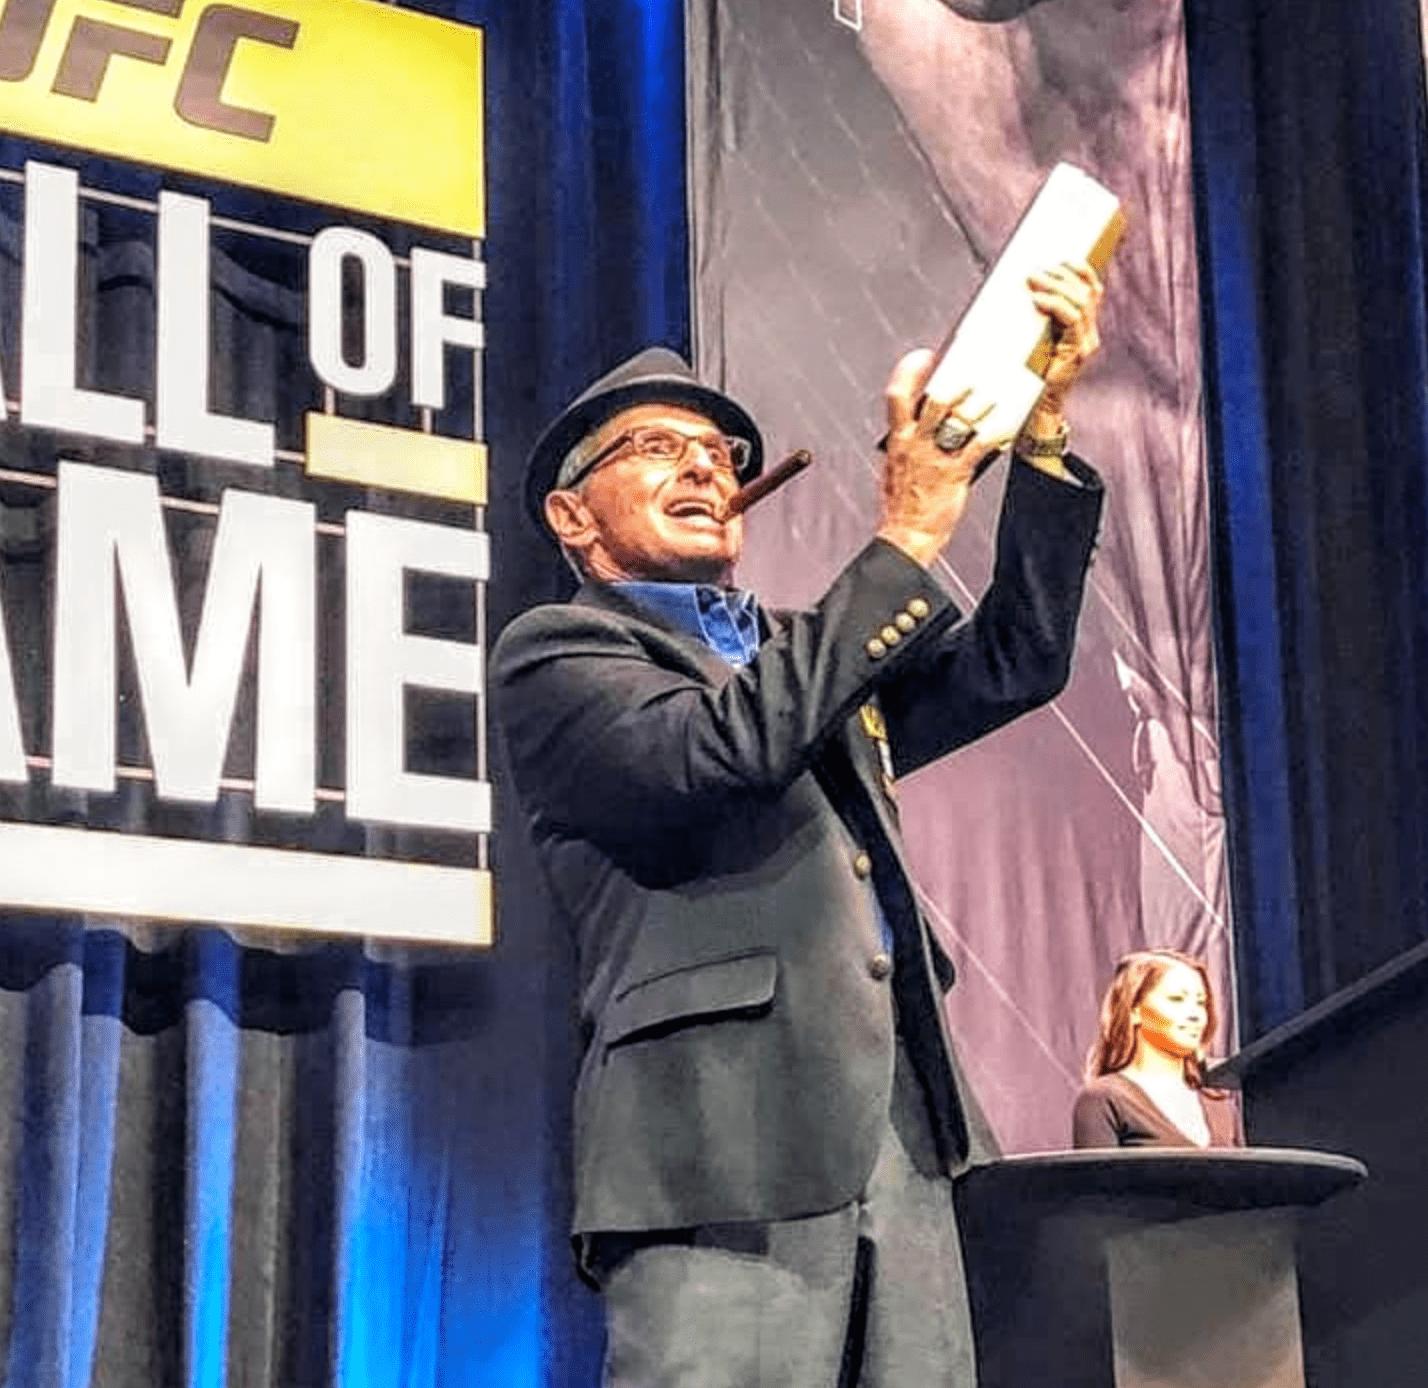 APMMA Podcast With UFC Creator Art Davie